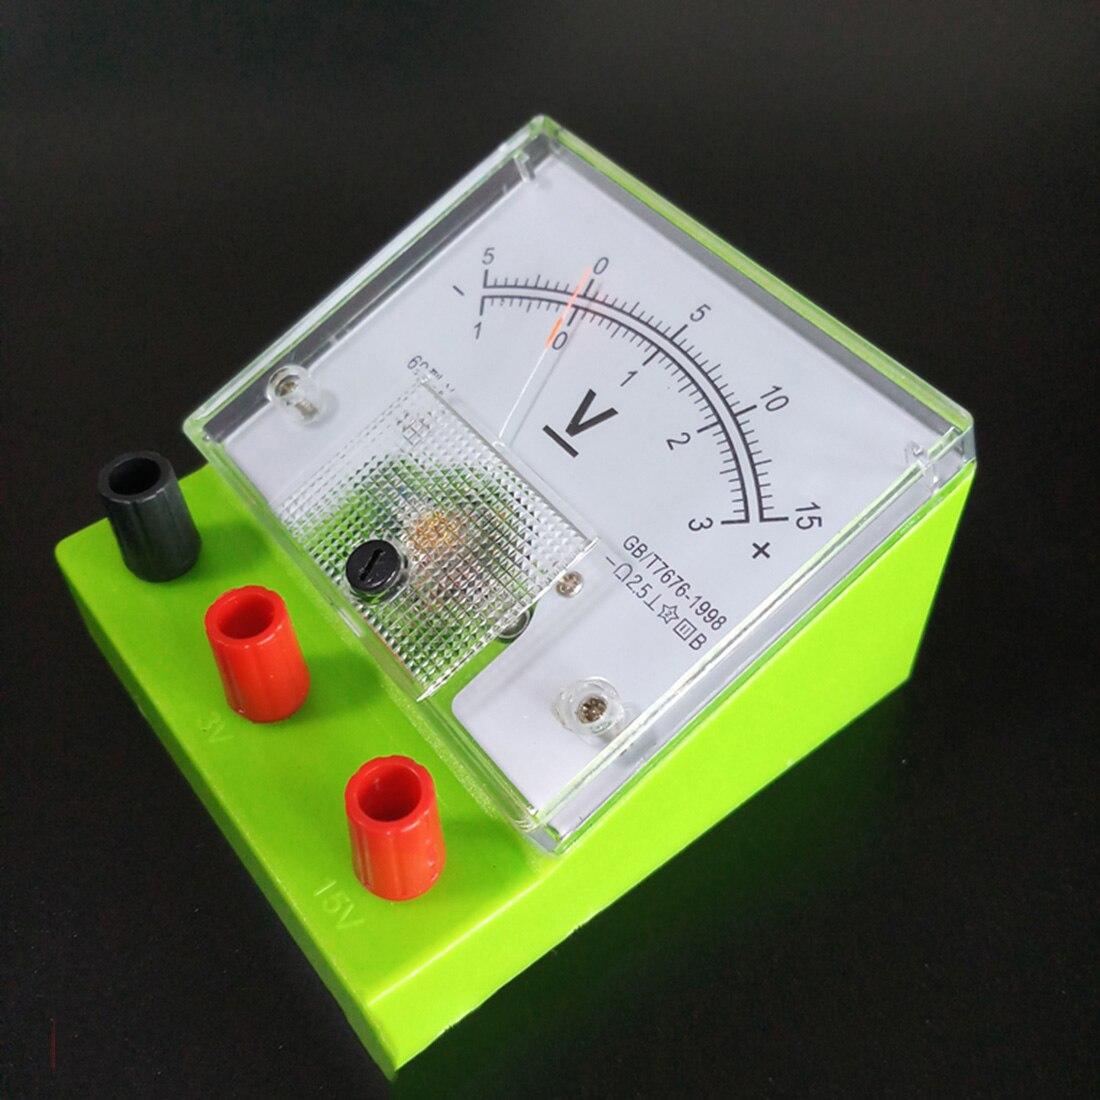 DIY амперметр вольтметр вольт метр физическая электрические цепи эксперимент оборудование для школы